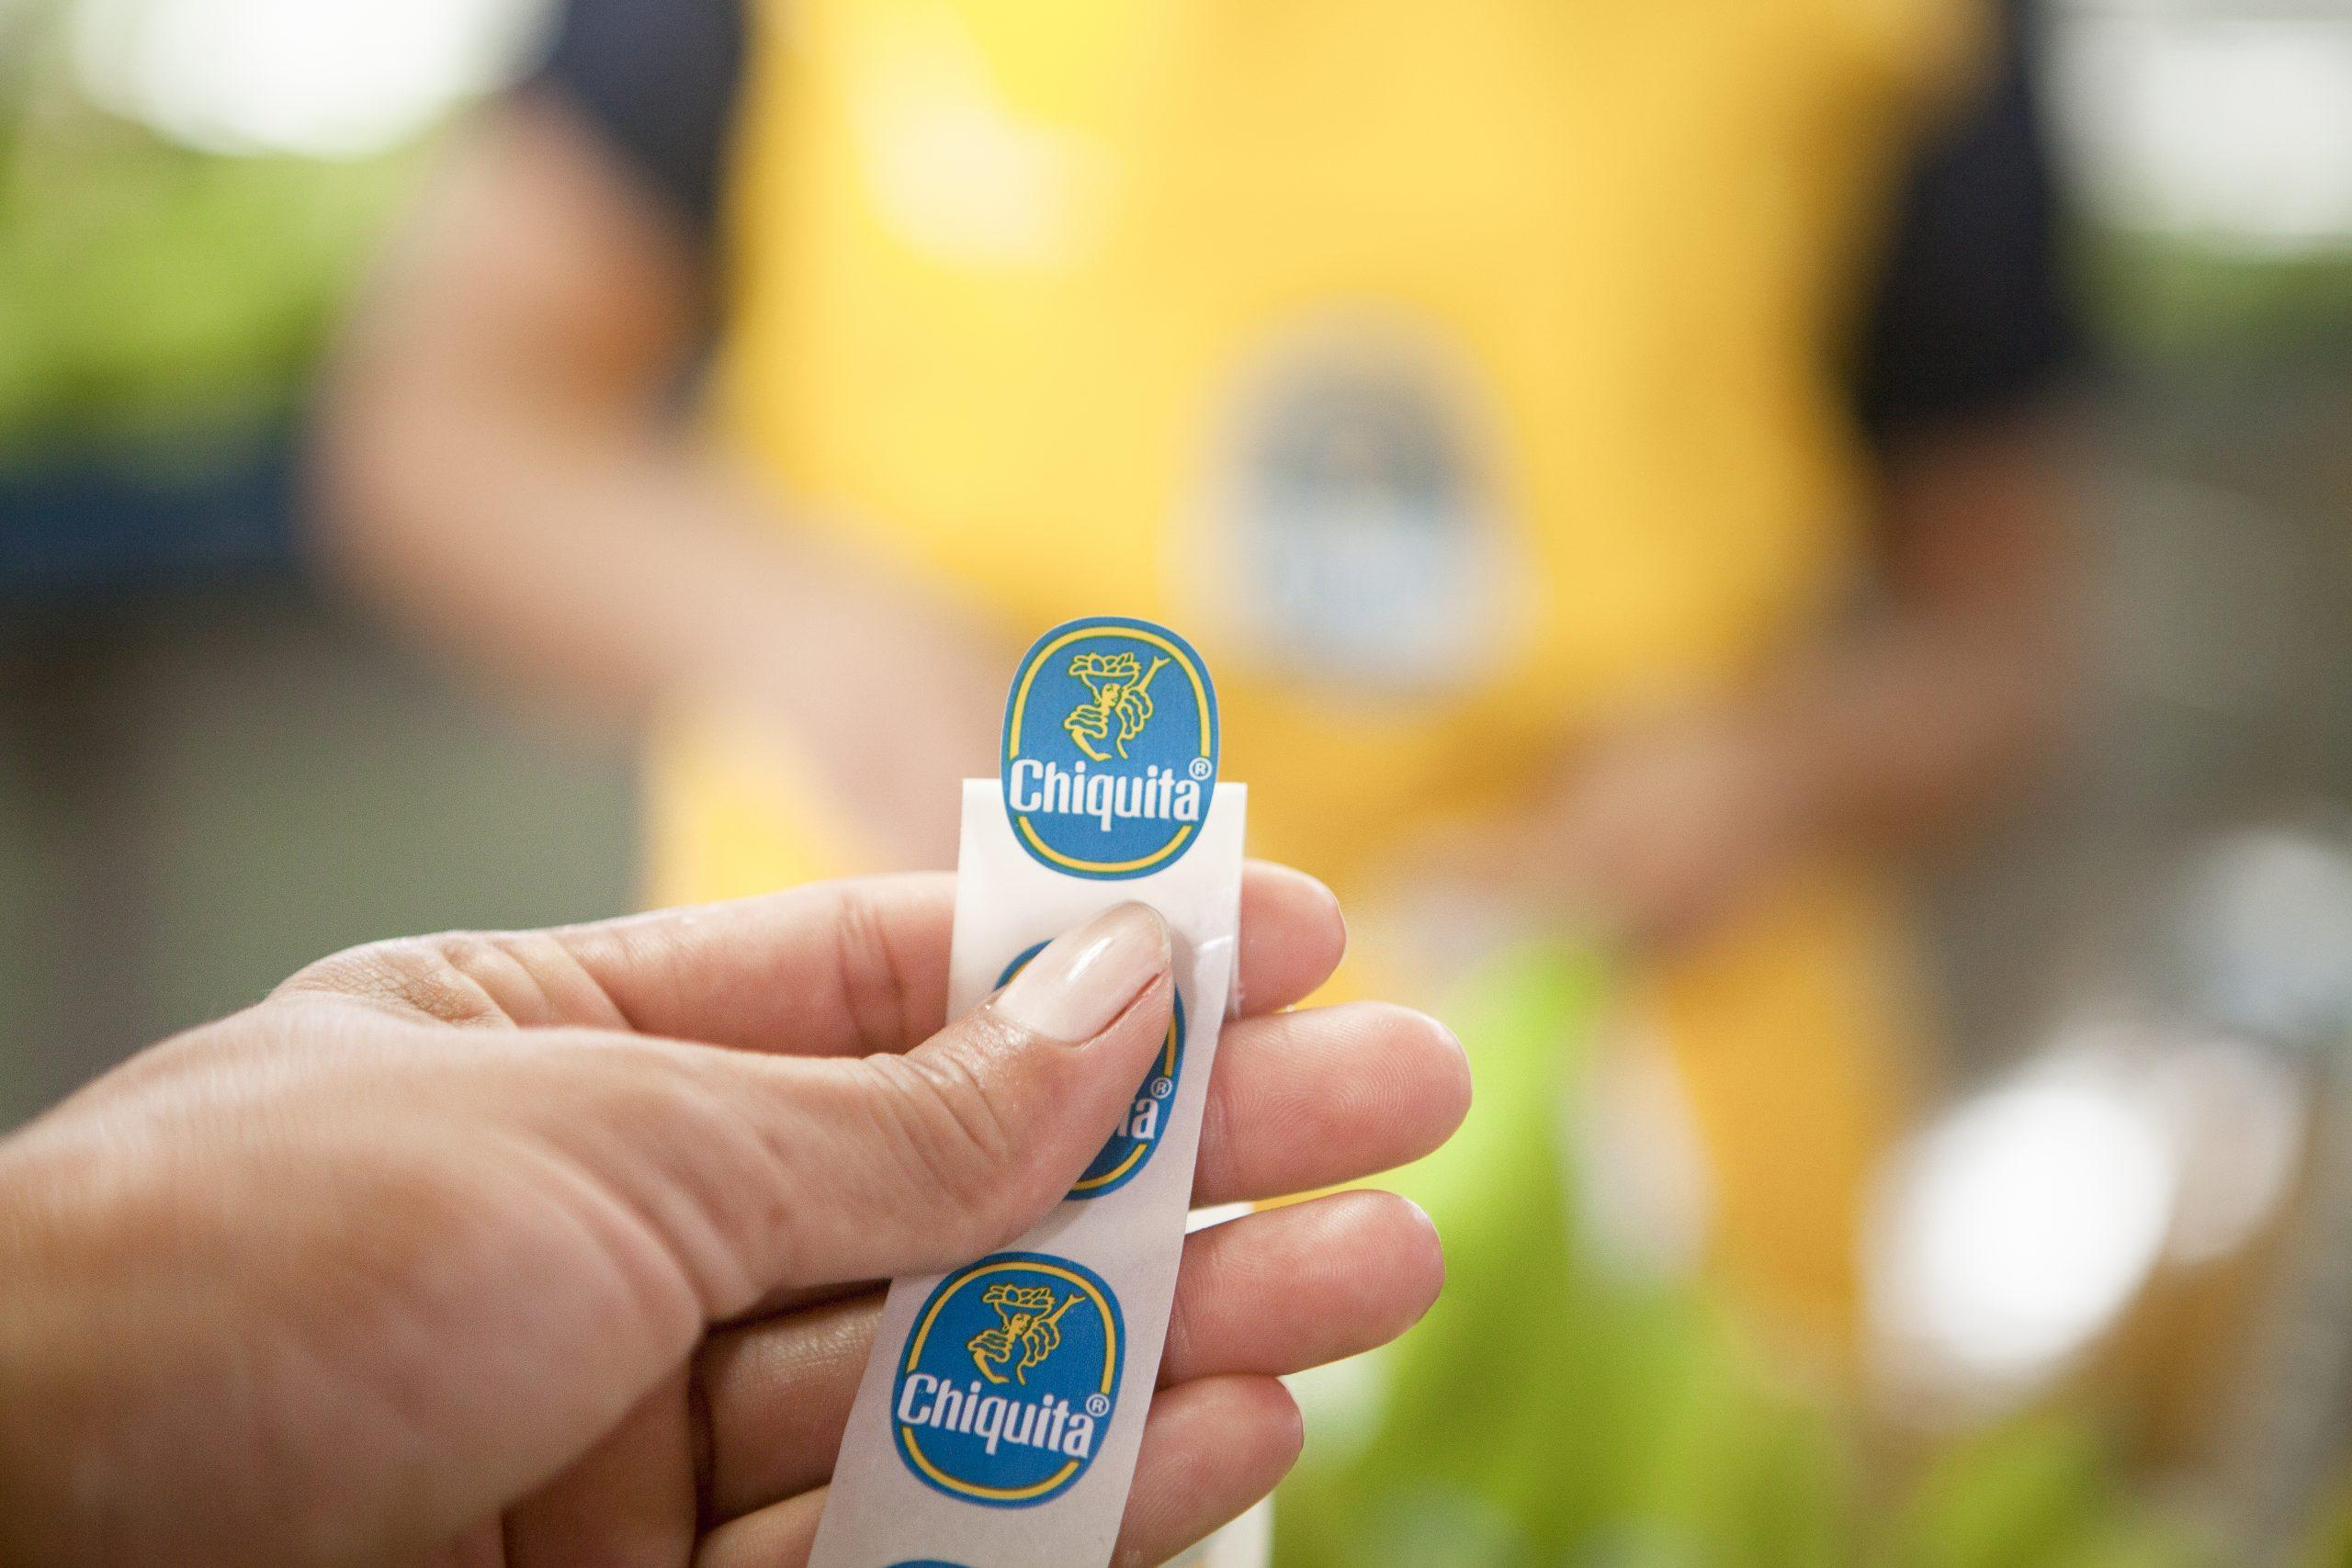 Blue Sticker Chiquita Banana Brand